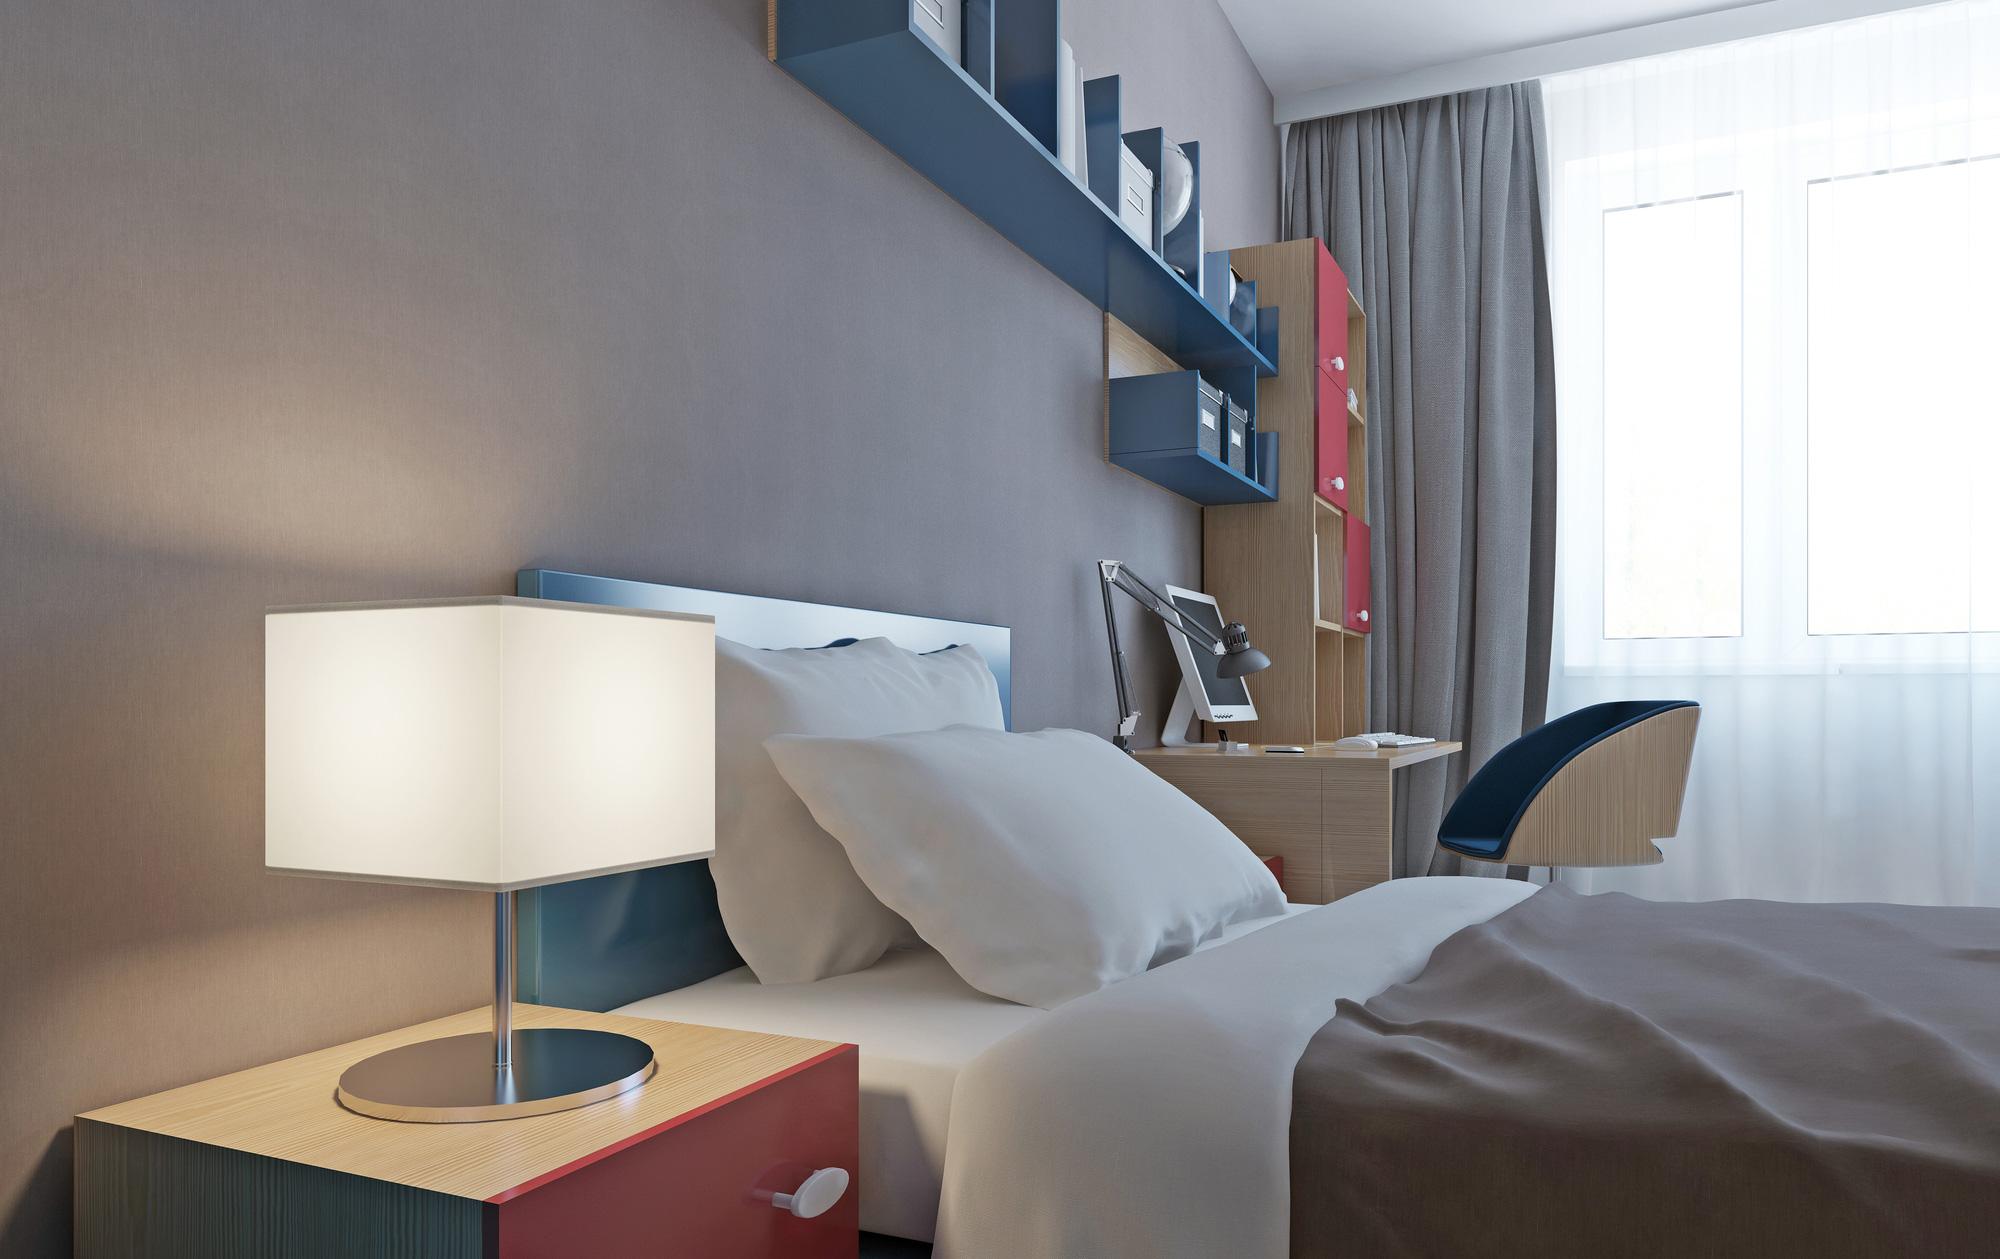 Pareti color tortora 6 abbinamenti perfetti - Camera da letto marrone ...